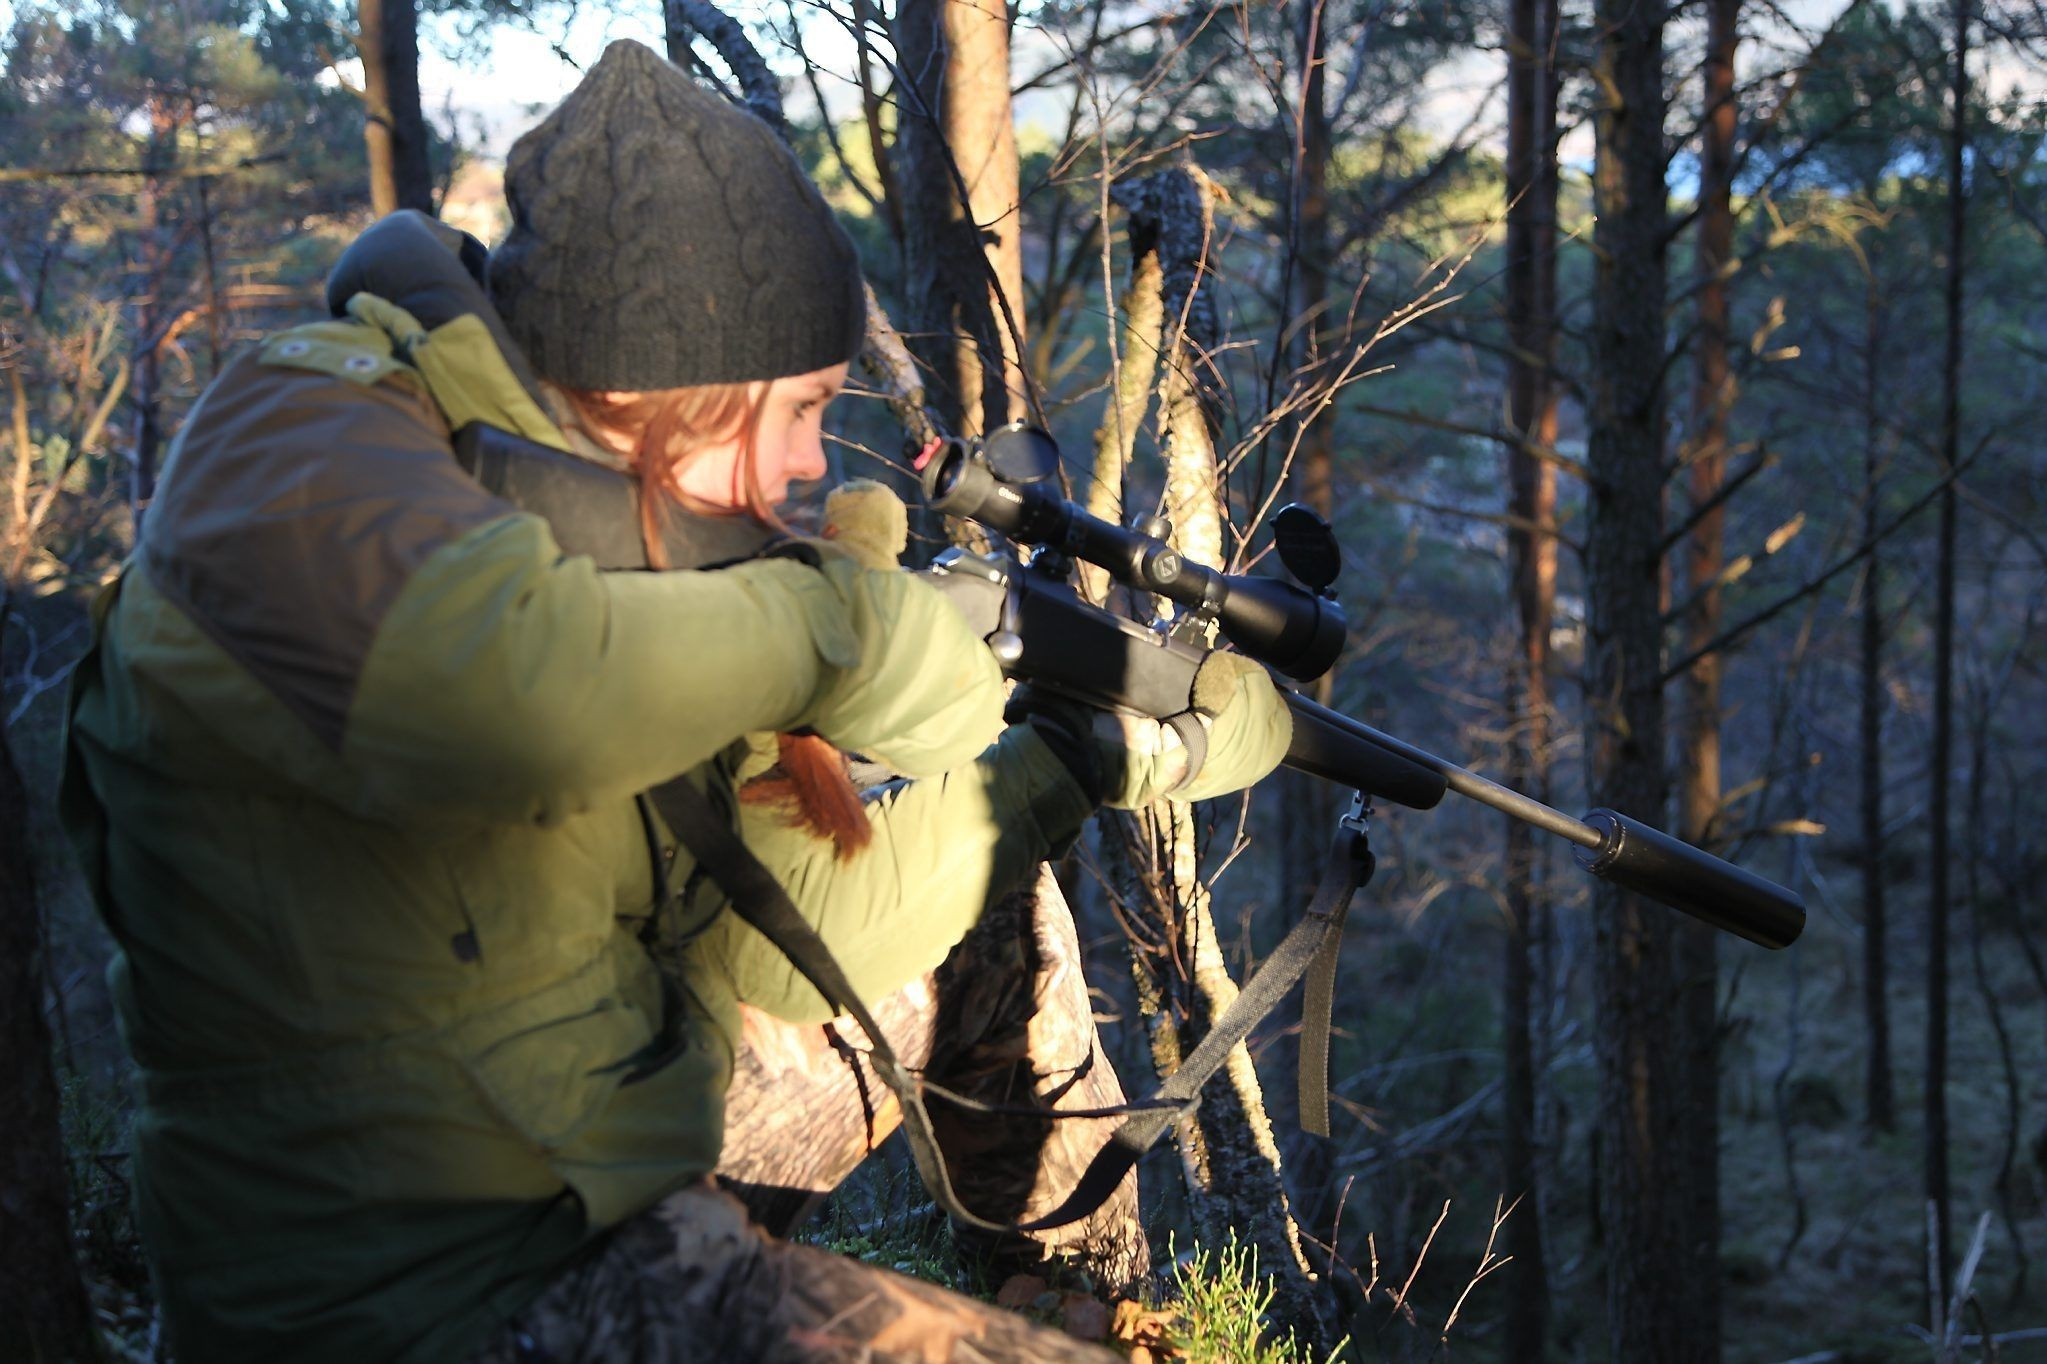 Hjortejakta startar for tidleg, meiner dyrevernarane i NOAH, som ber styremaktene ta ansvar. - Ti dagar tidlegare jaktstart har lite å seie for dyrevelferda, er Norsk Hjortesenter sitt tilsvar.